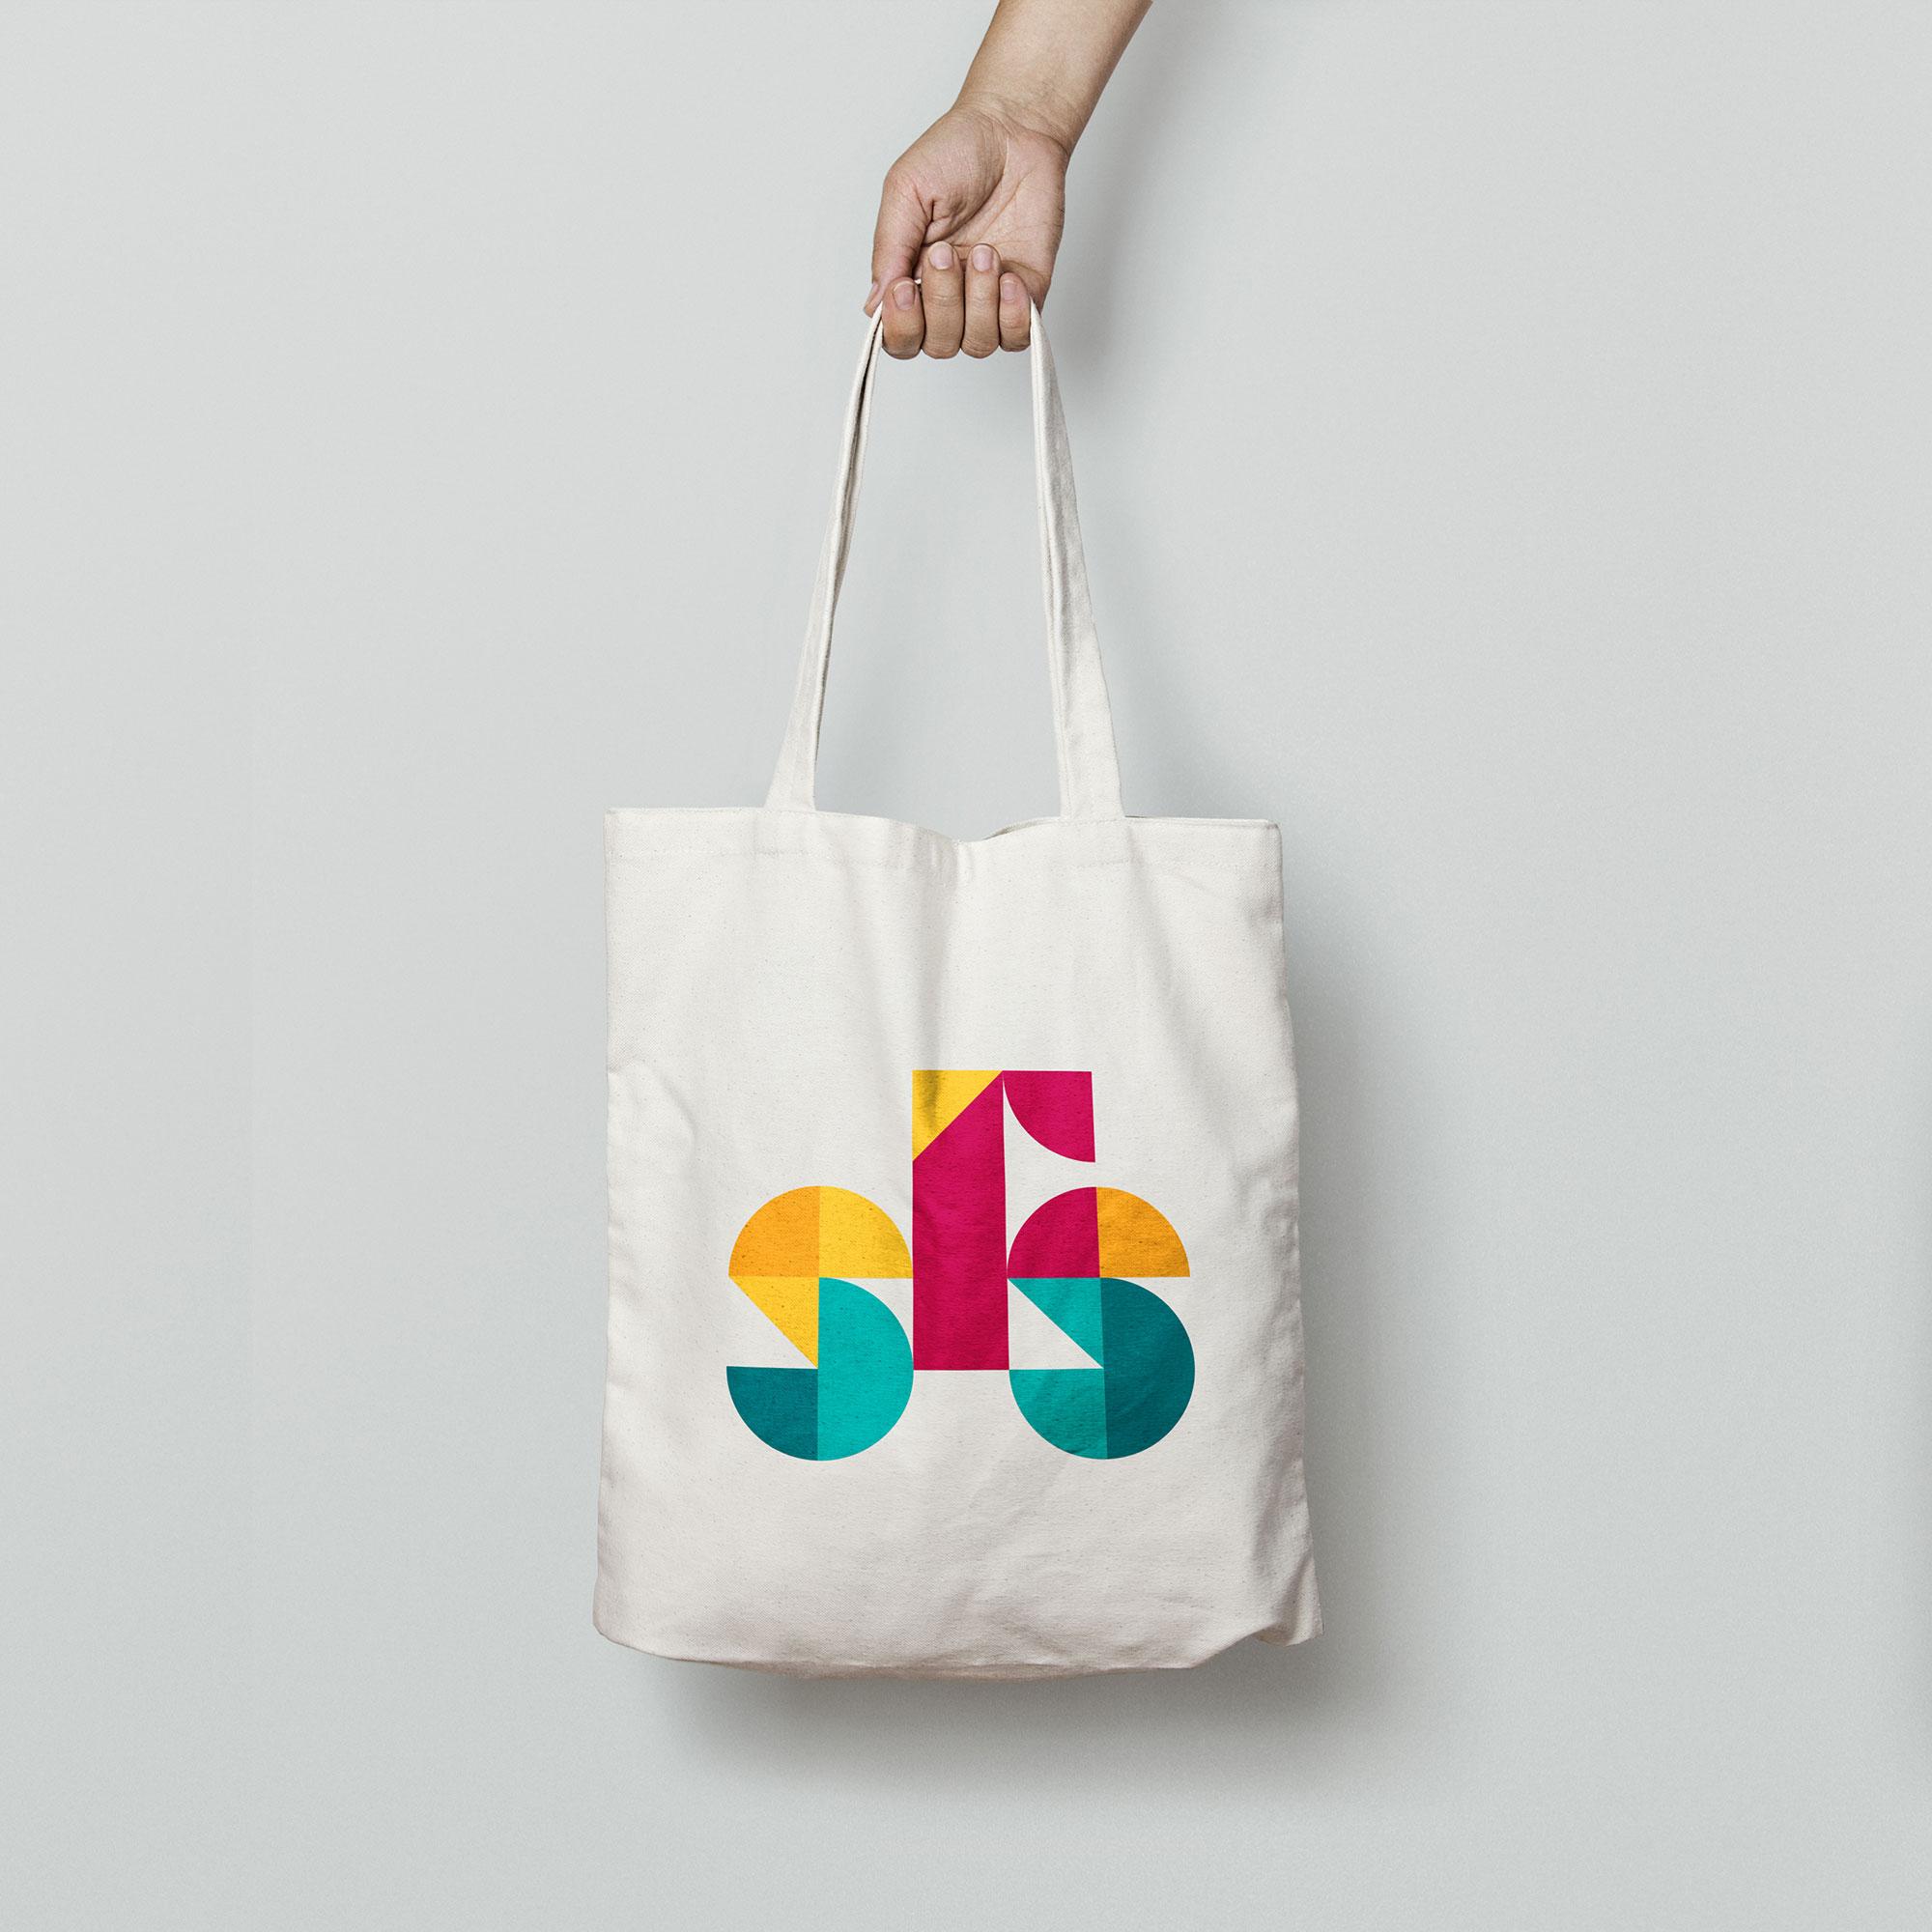 SFS_Canvas_Tote_Bag2.jpg